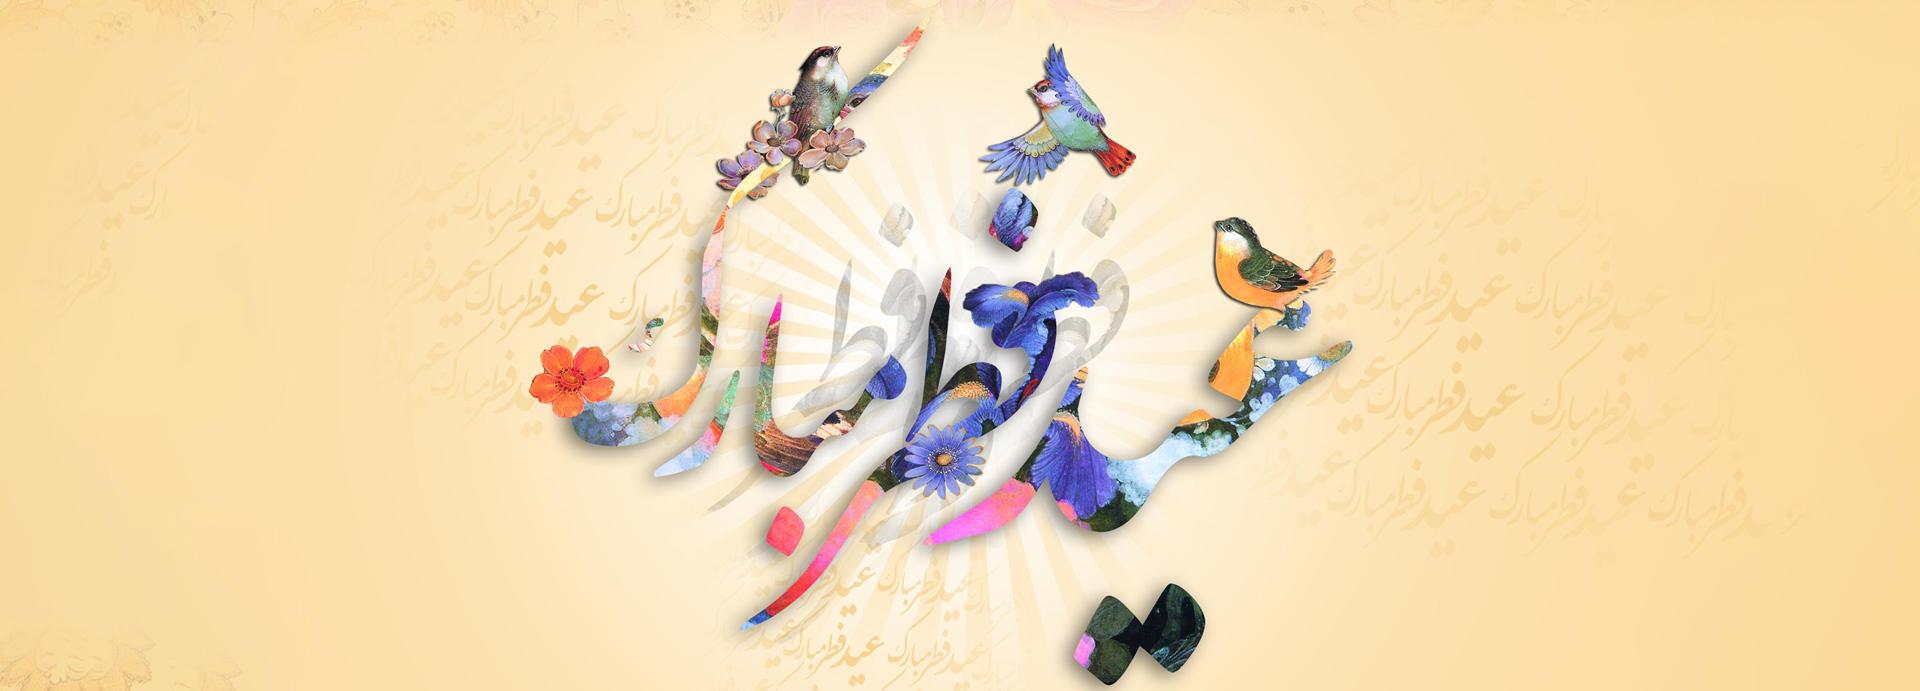 عید فطر مبارک - ویکی ووک